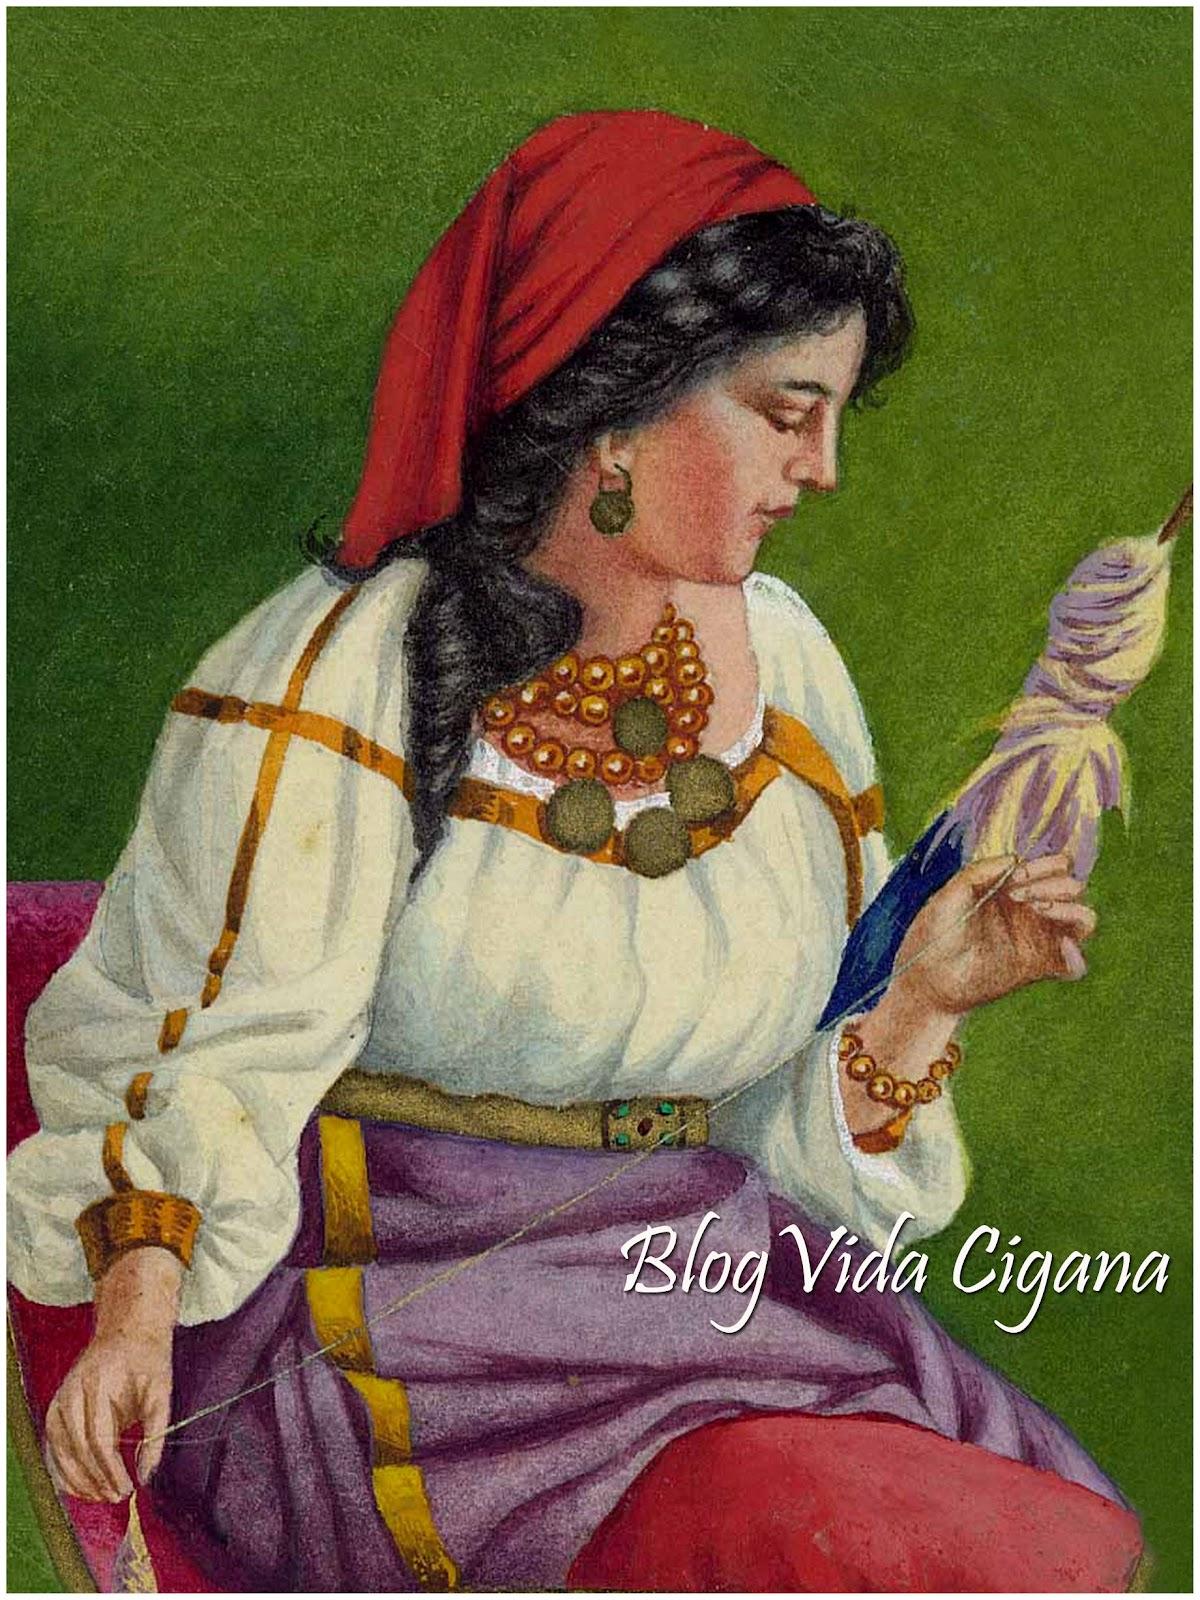 http://1.bp.blogspot.com/-ZnsVVfU3Zng/UD7X6vAEKgI/AAAAAAAADJE/QWdwK0TBlWQ/s1600/Magia+Cigana+-+Blog+Vida+Cigana+.jpg